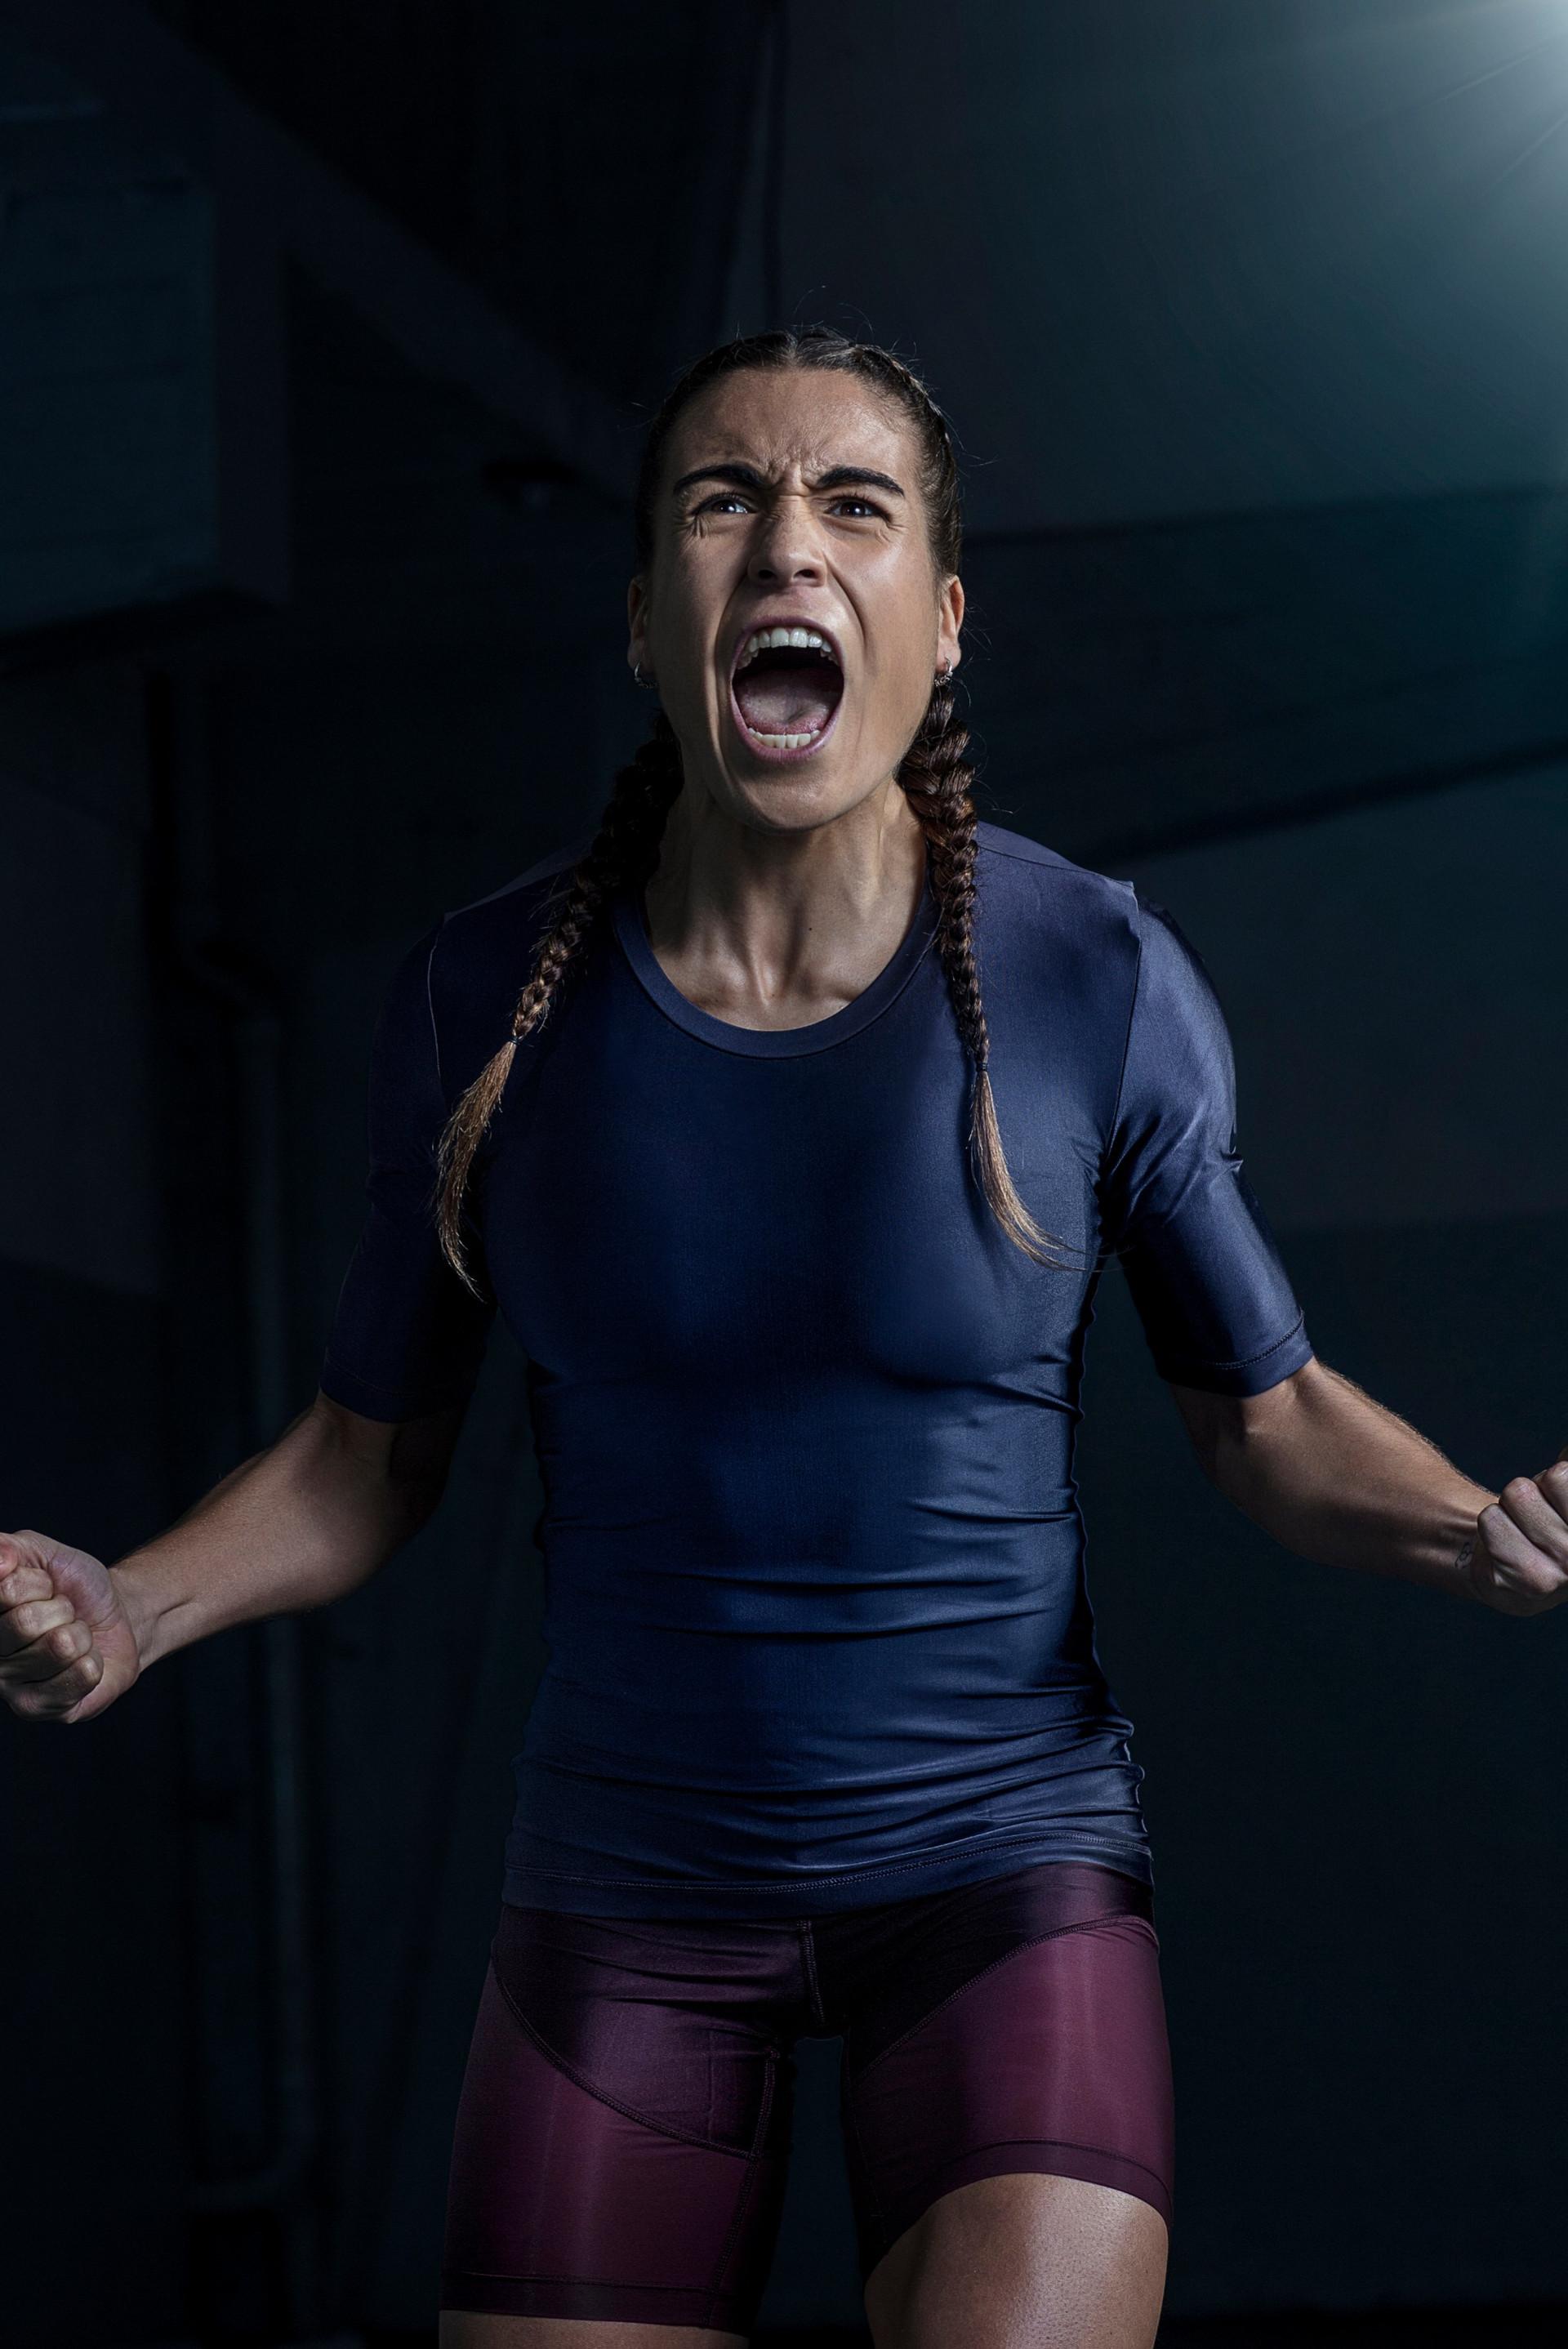 NIKE WOMAN - #GET LOUD